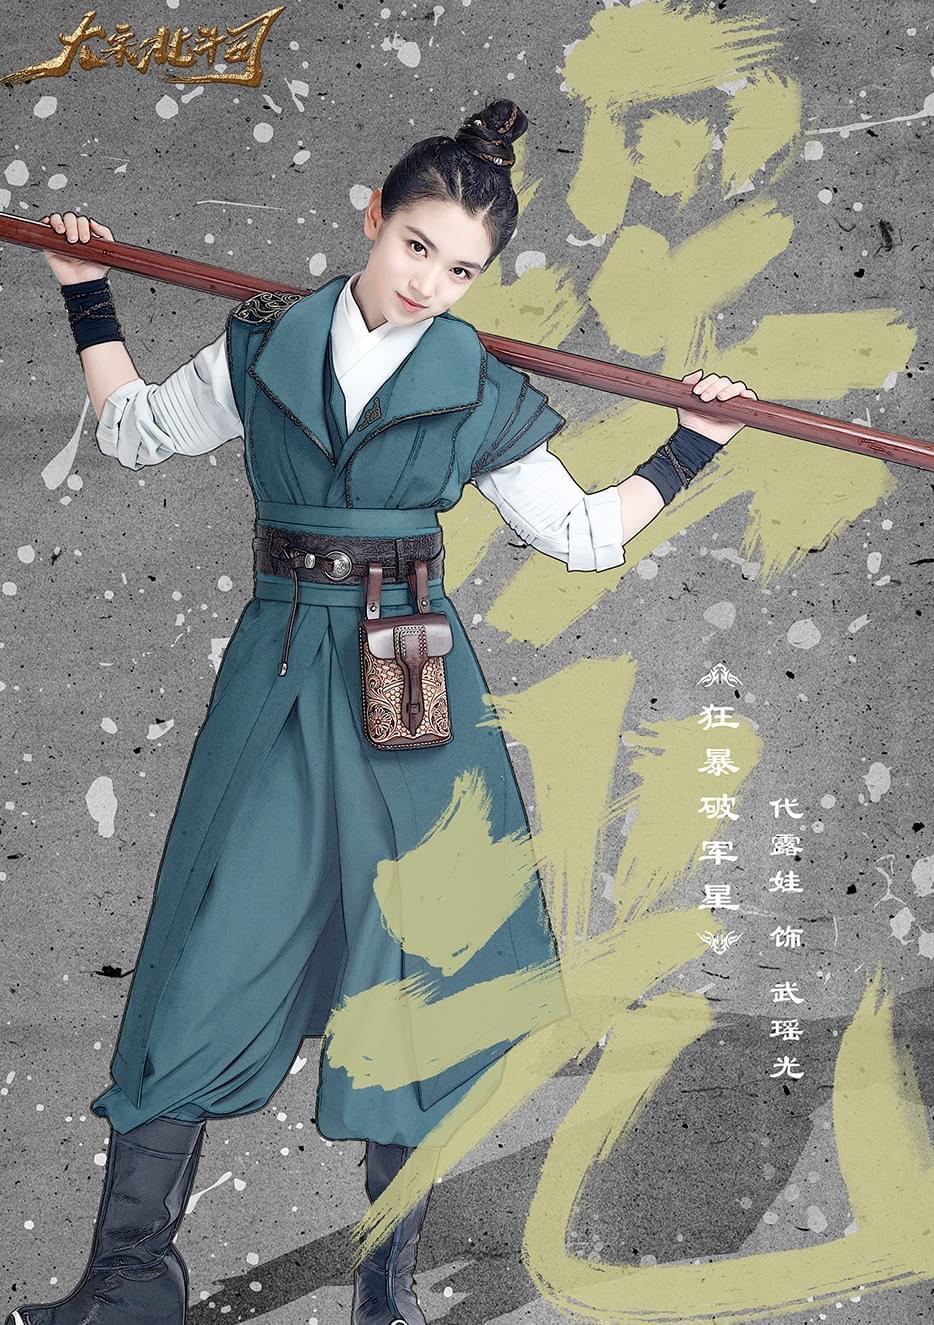 大宋-瑶光-代露娃饰